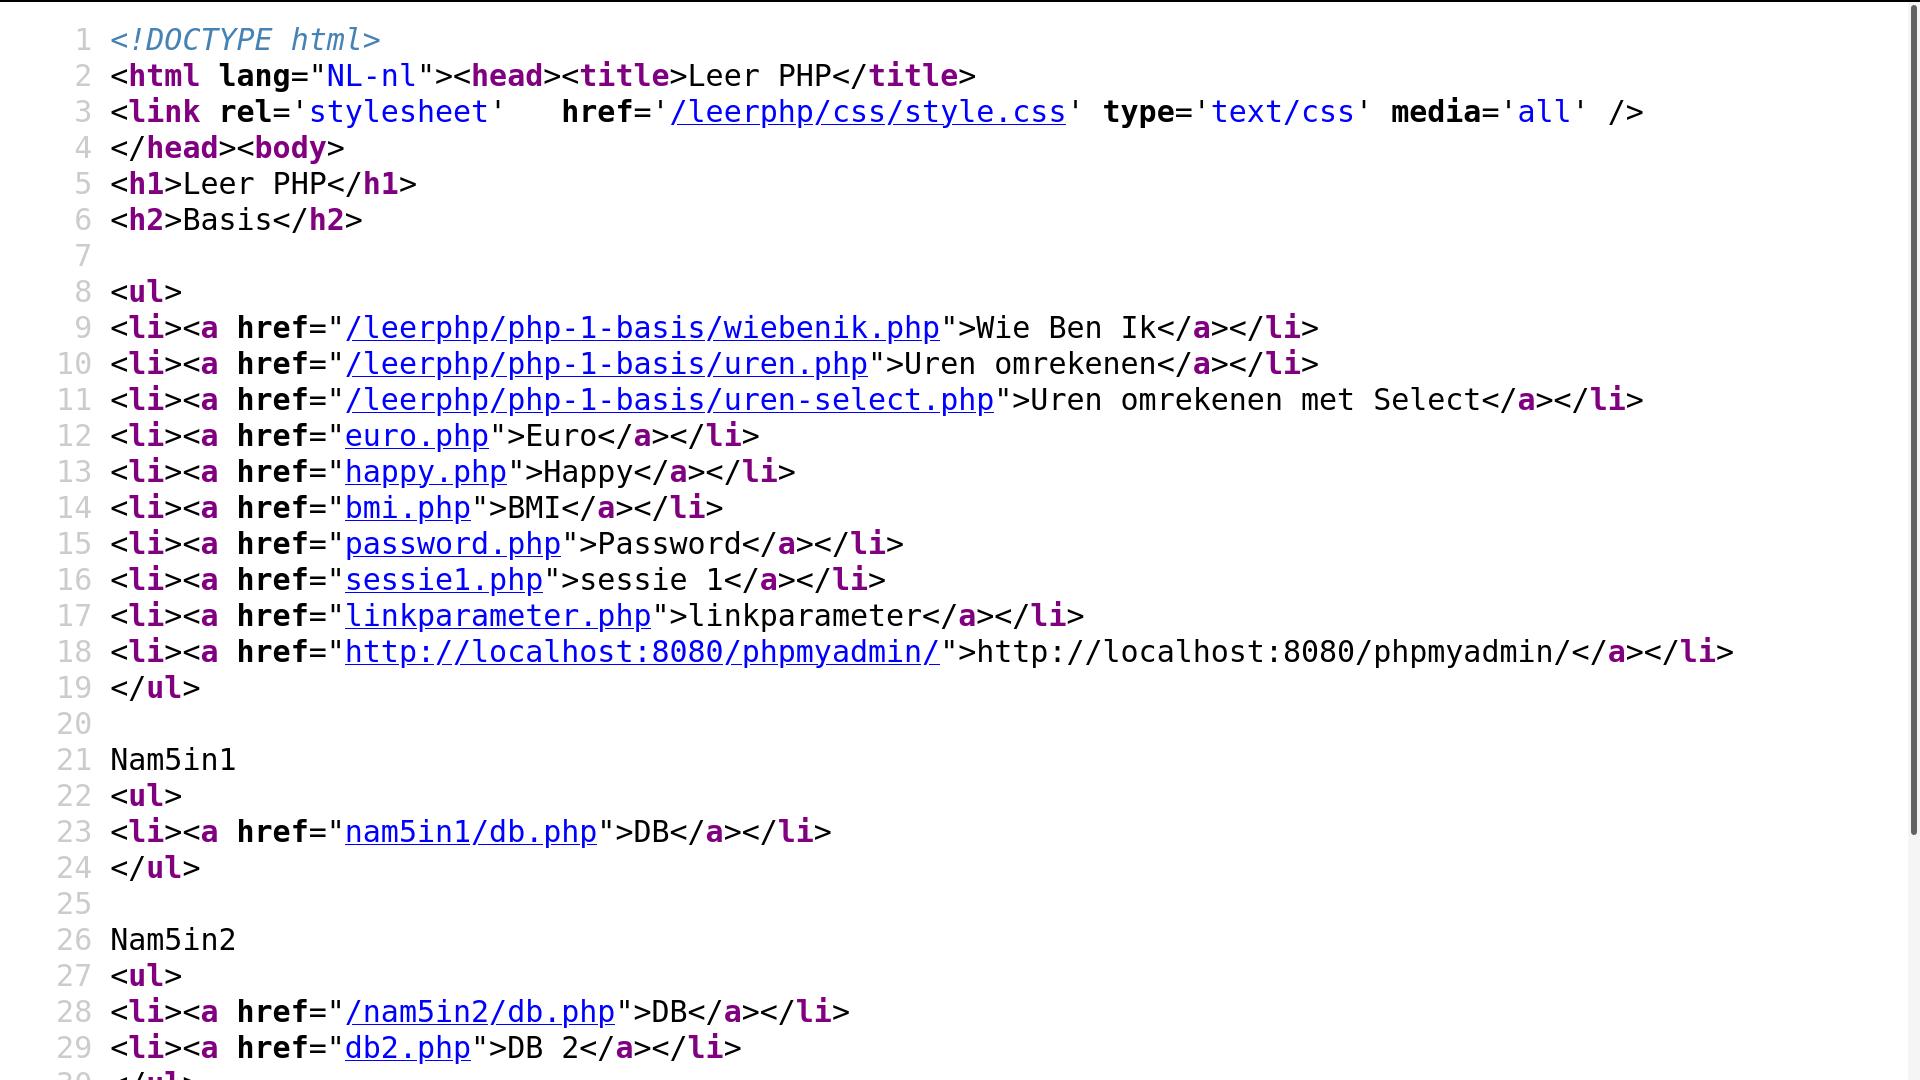 Basis HTML Code